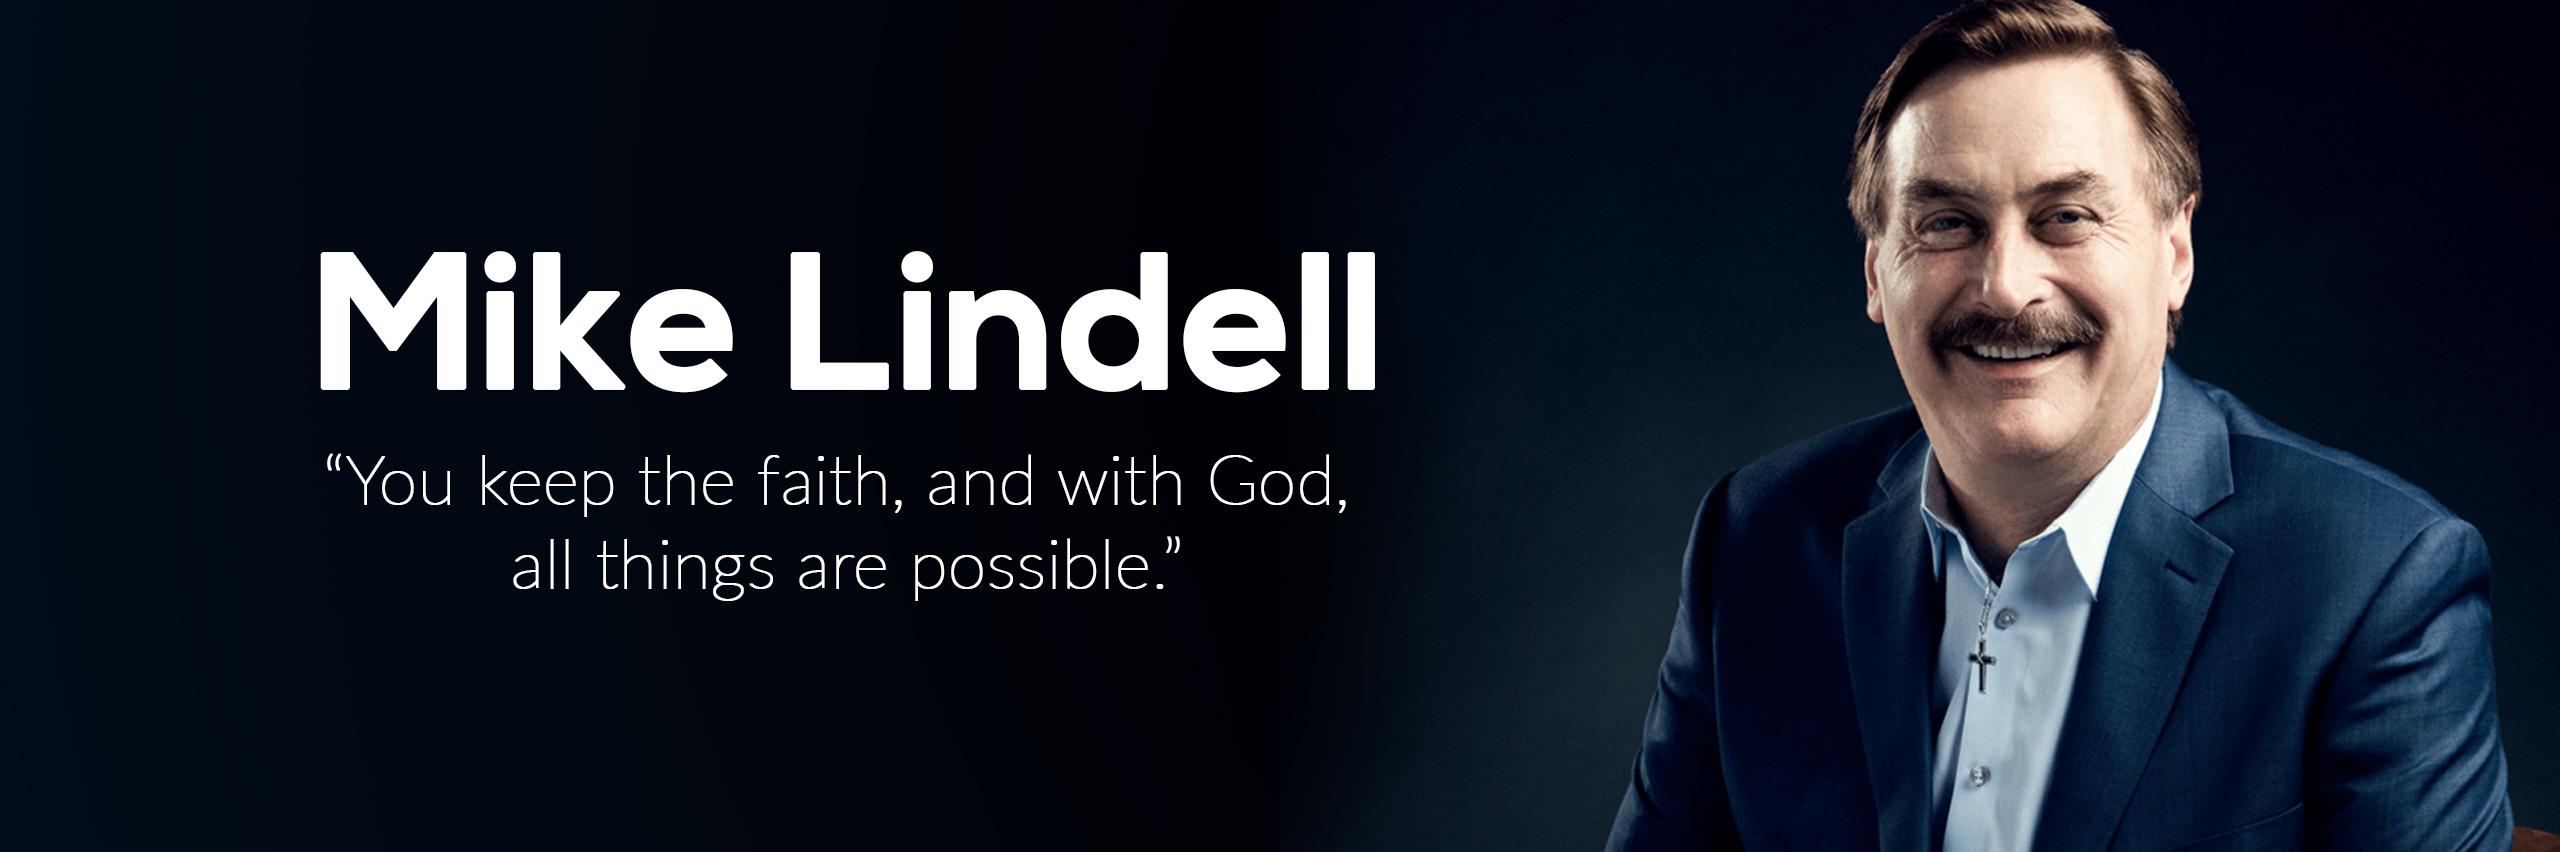 Mike_Lindell-header2